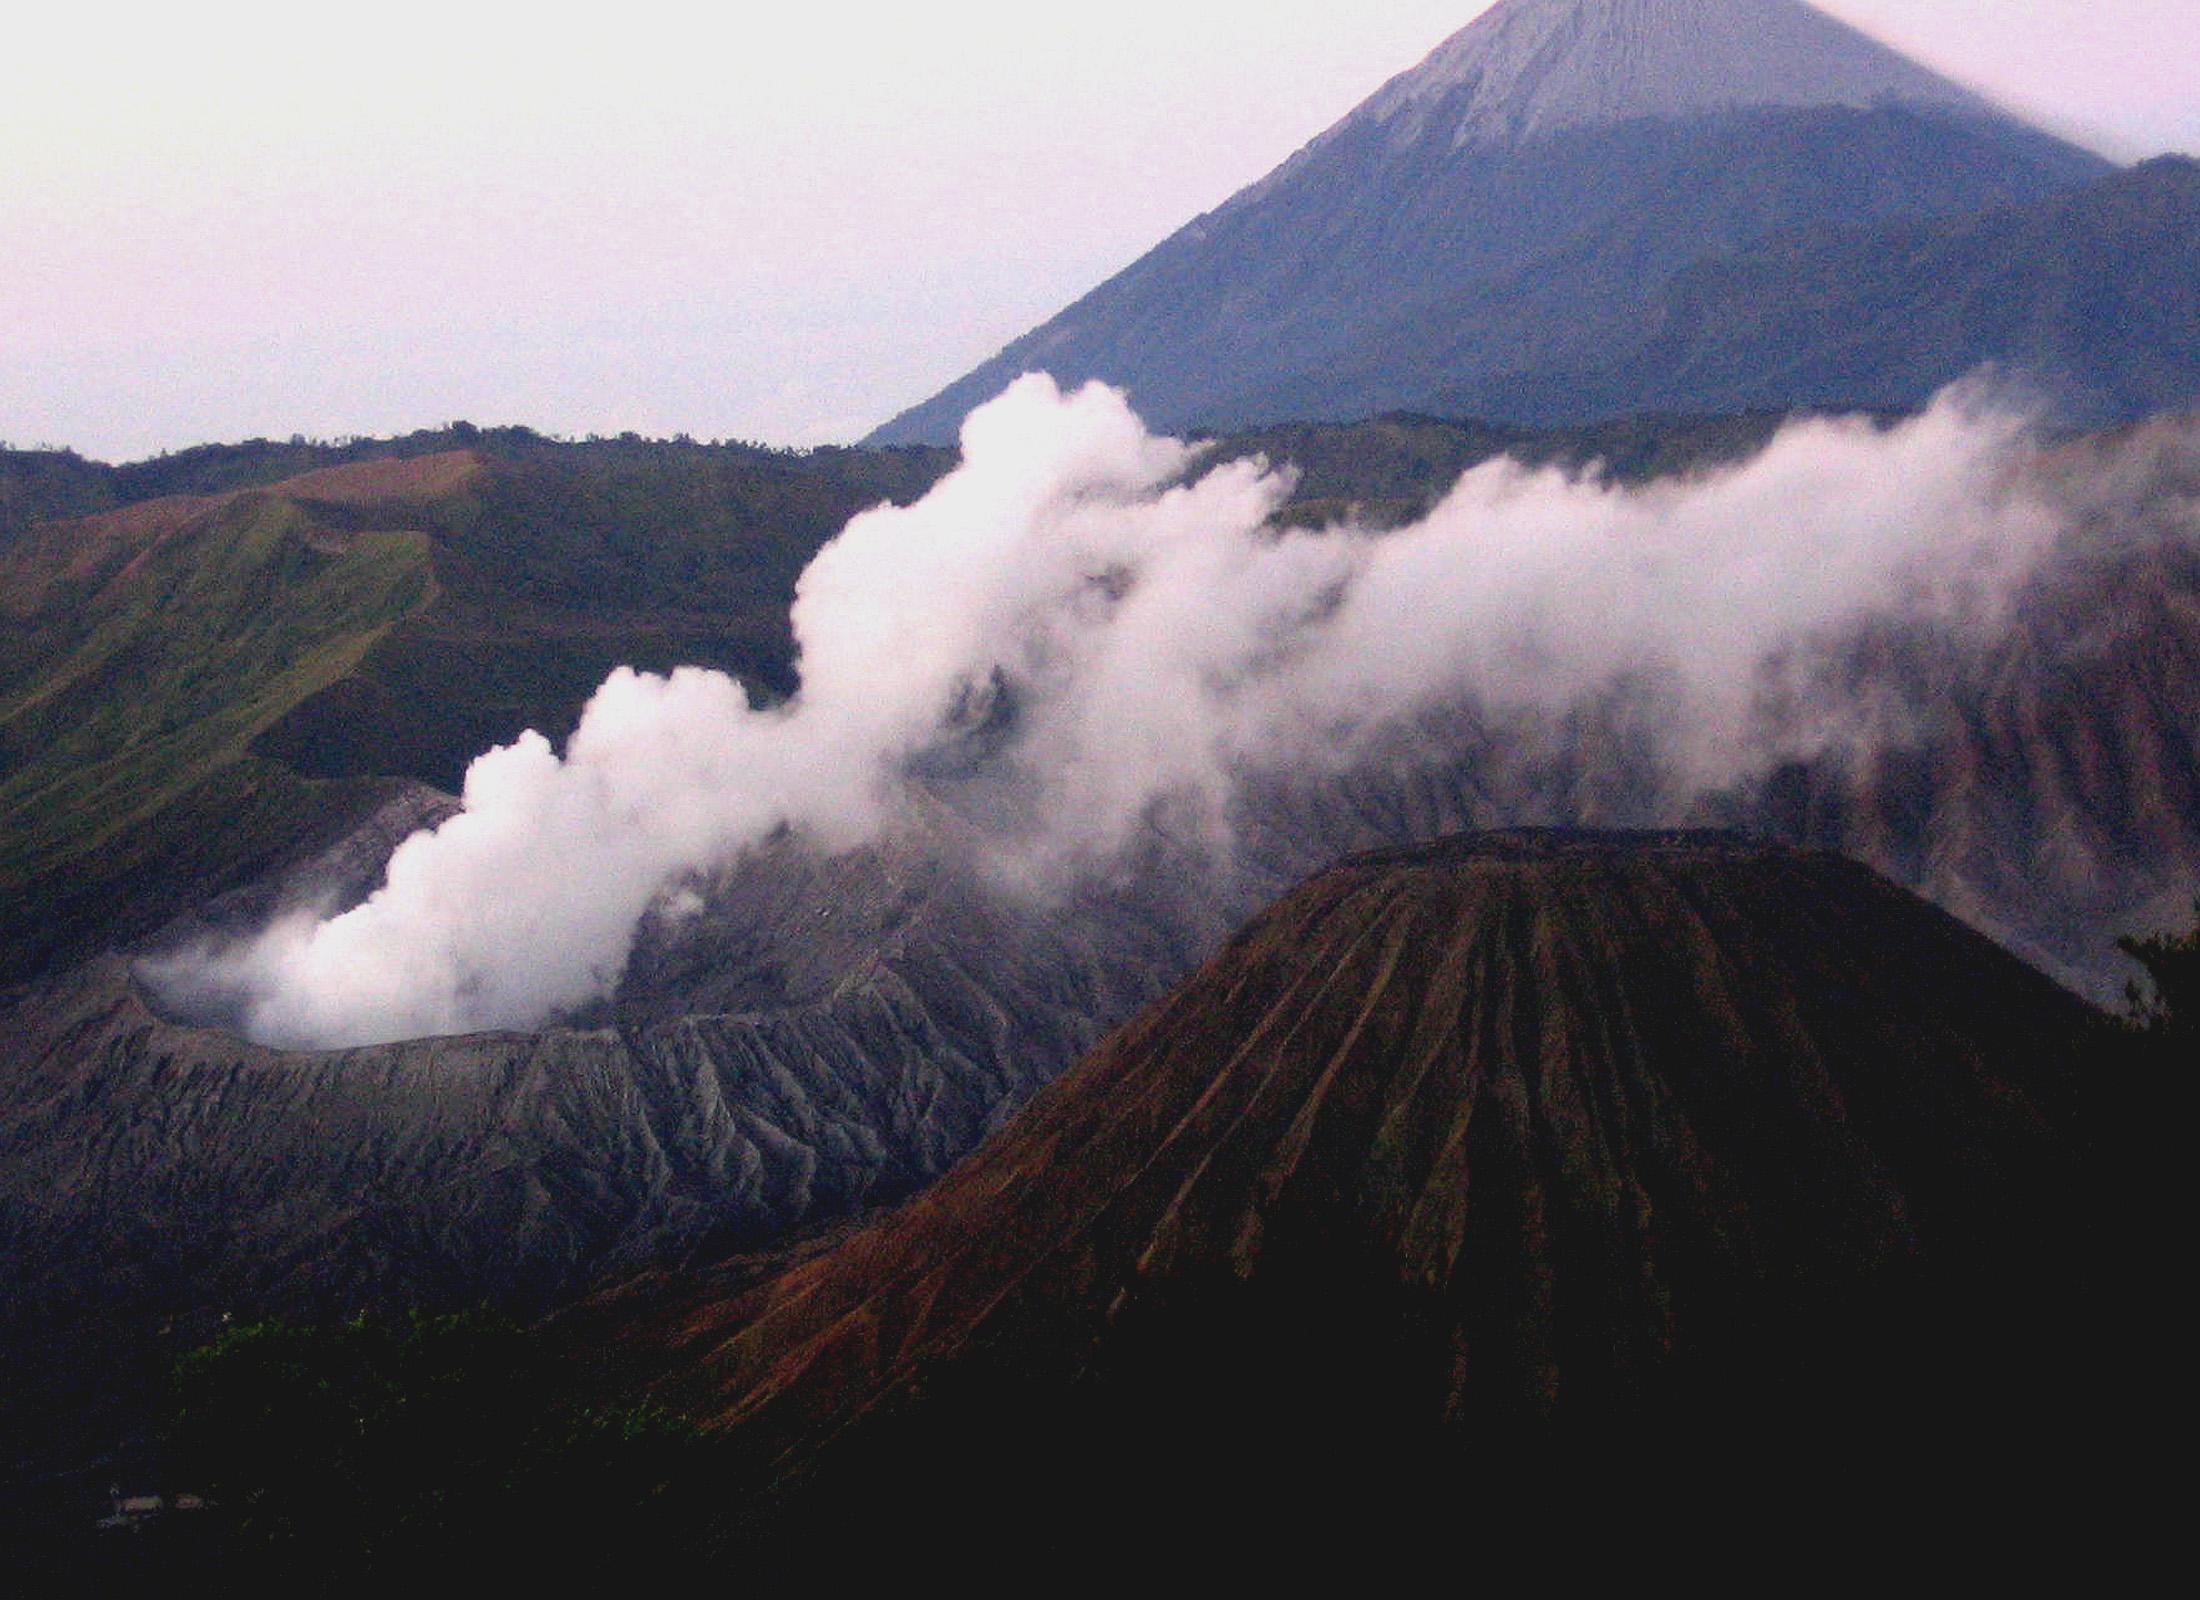 Mount Semeru - ranu kumbolo semeru - Ranu Kumbolo Semeru Tour Packages, YOEXPLORE